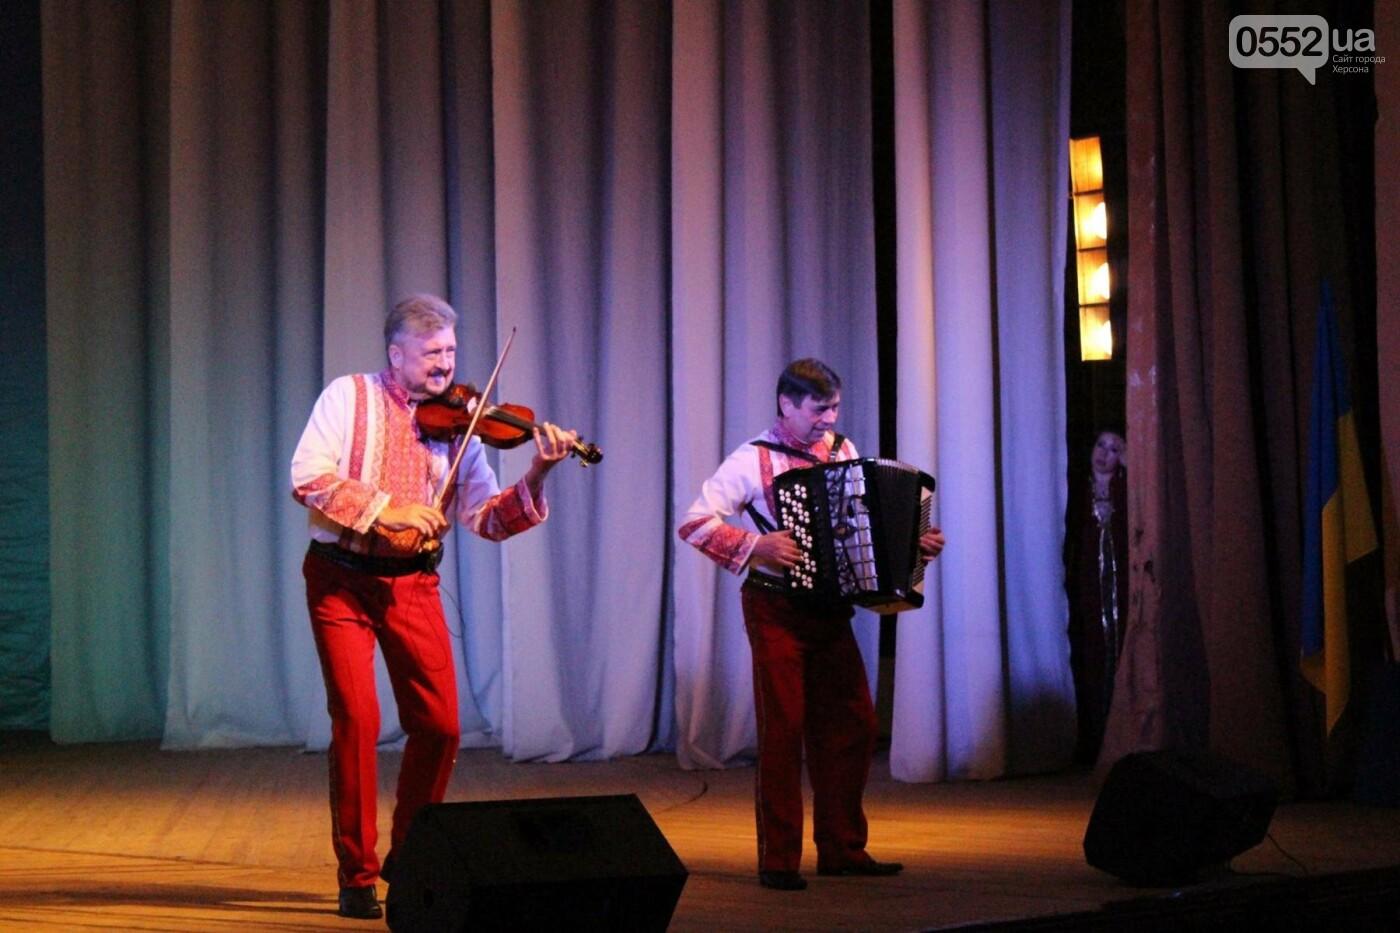 В Херсоне выступил Академический ансамбль песни и танца НГУ, фото-4